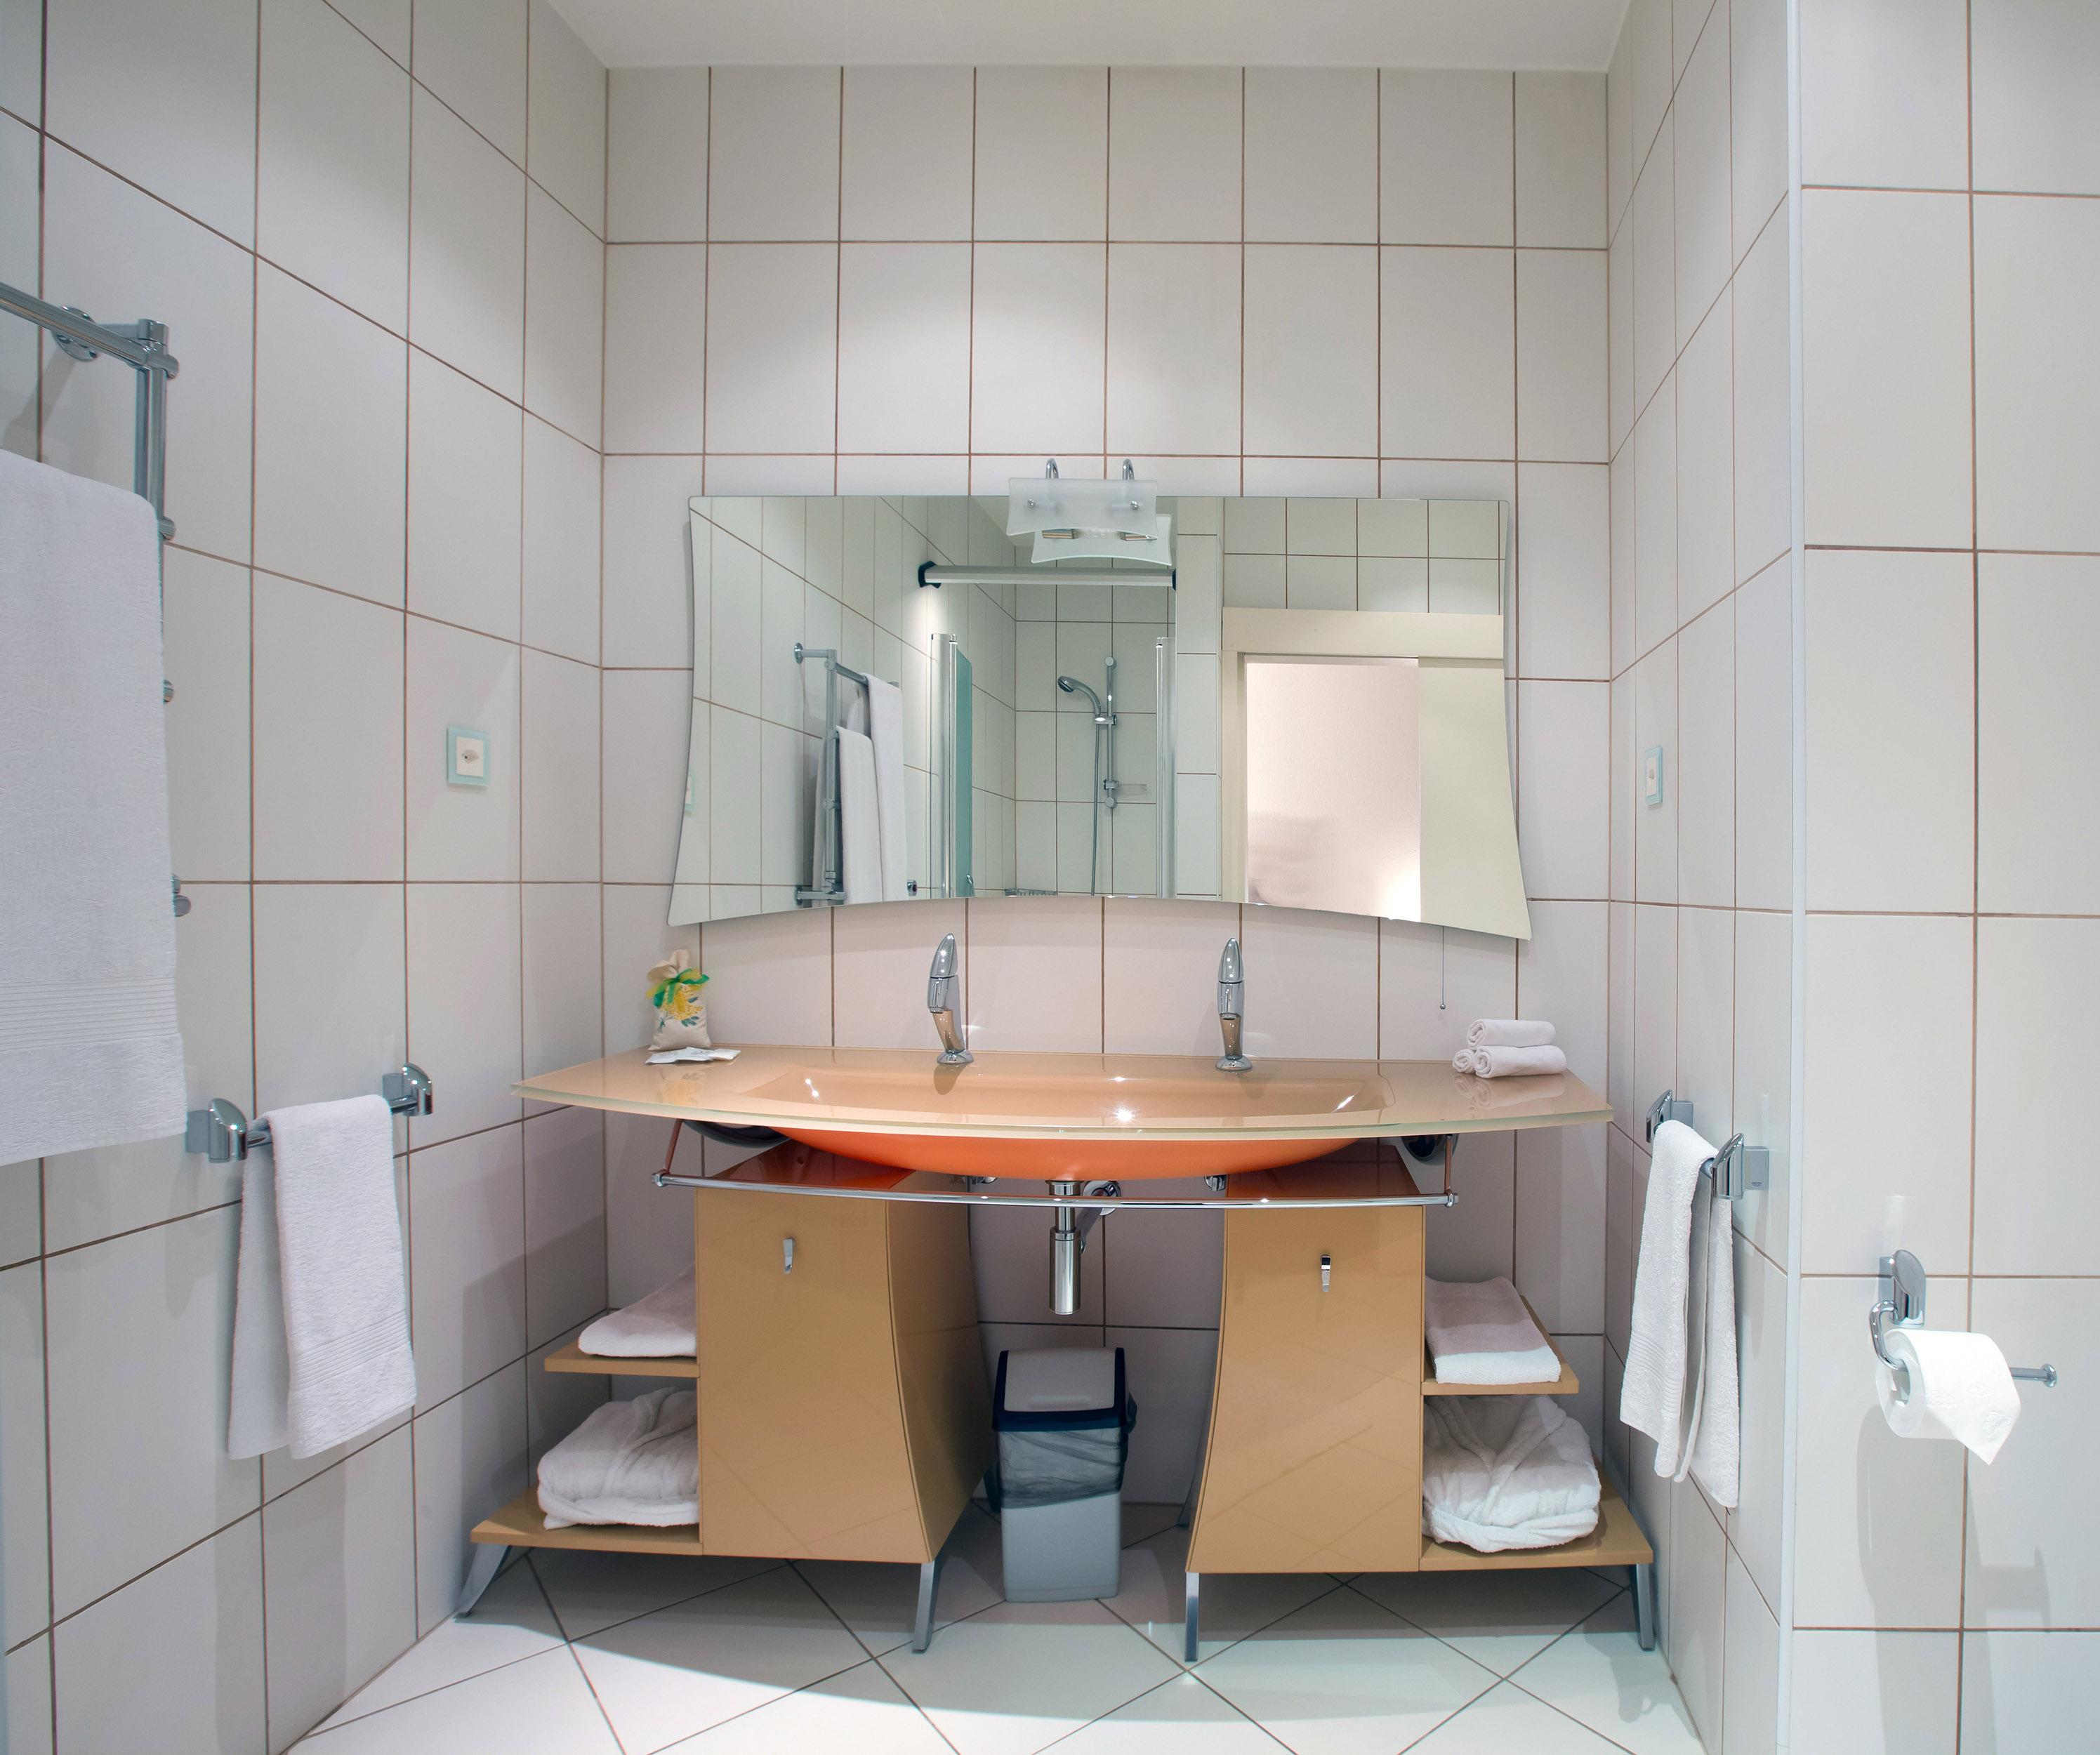 Люкс | Suit | гостиница Swiss House